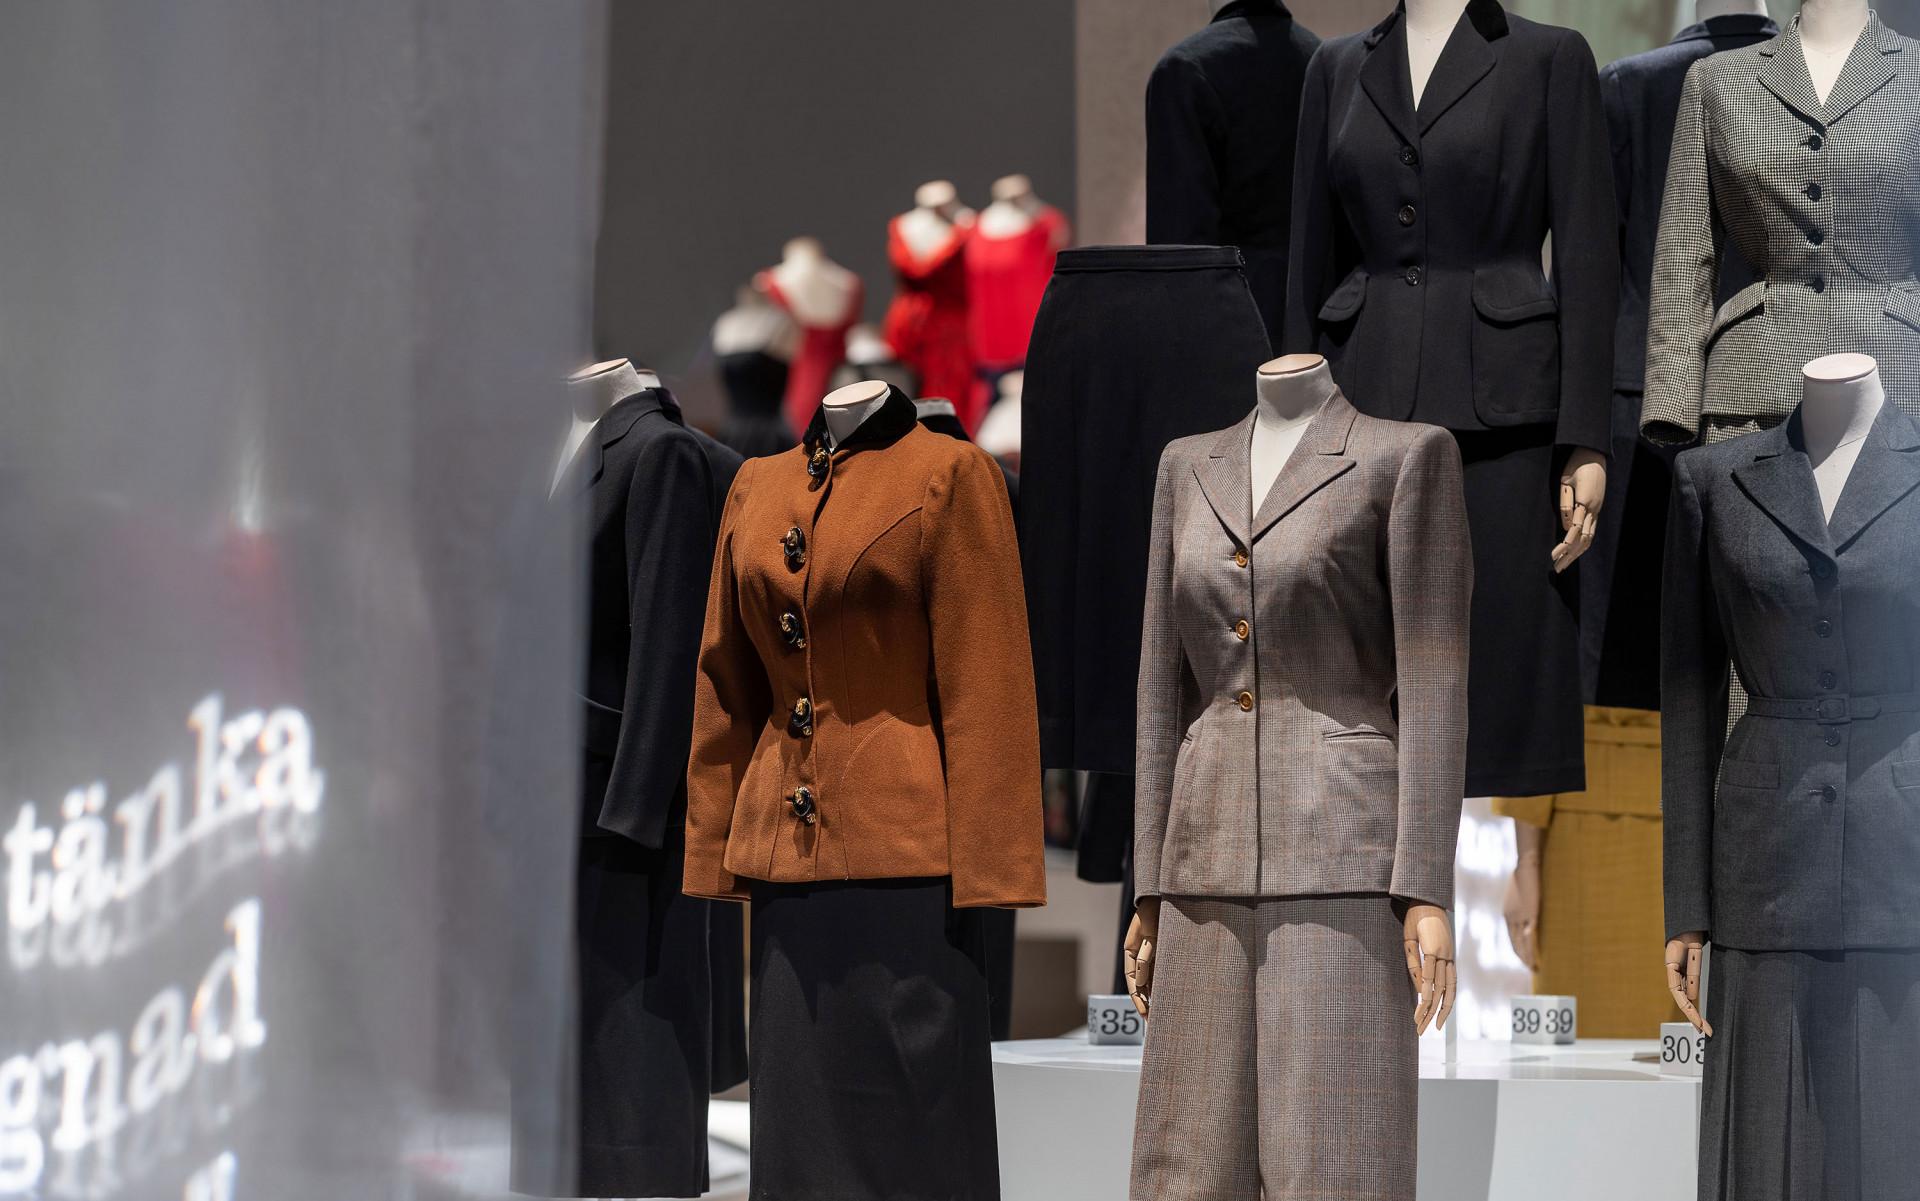 Dockor med dräkter med kjol och jacka